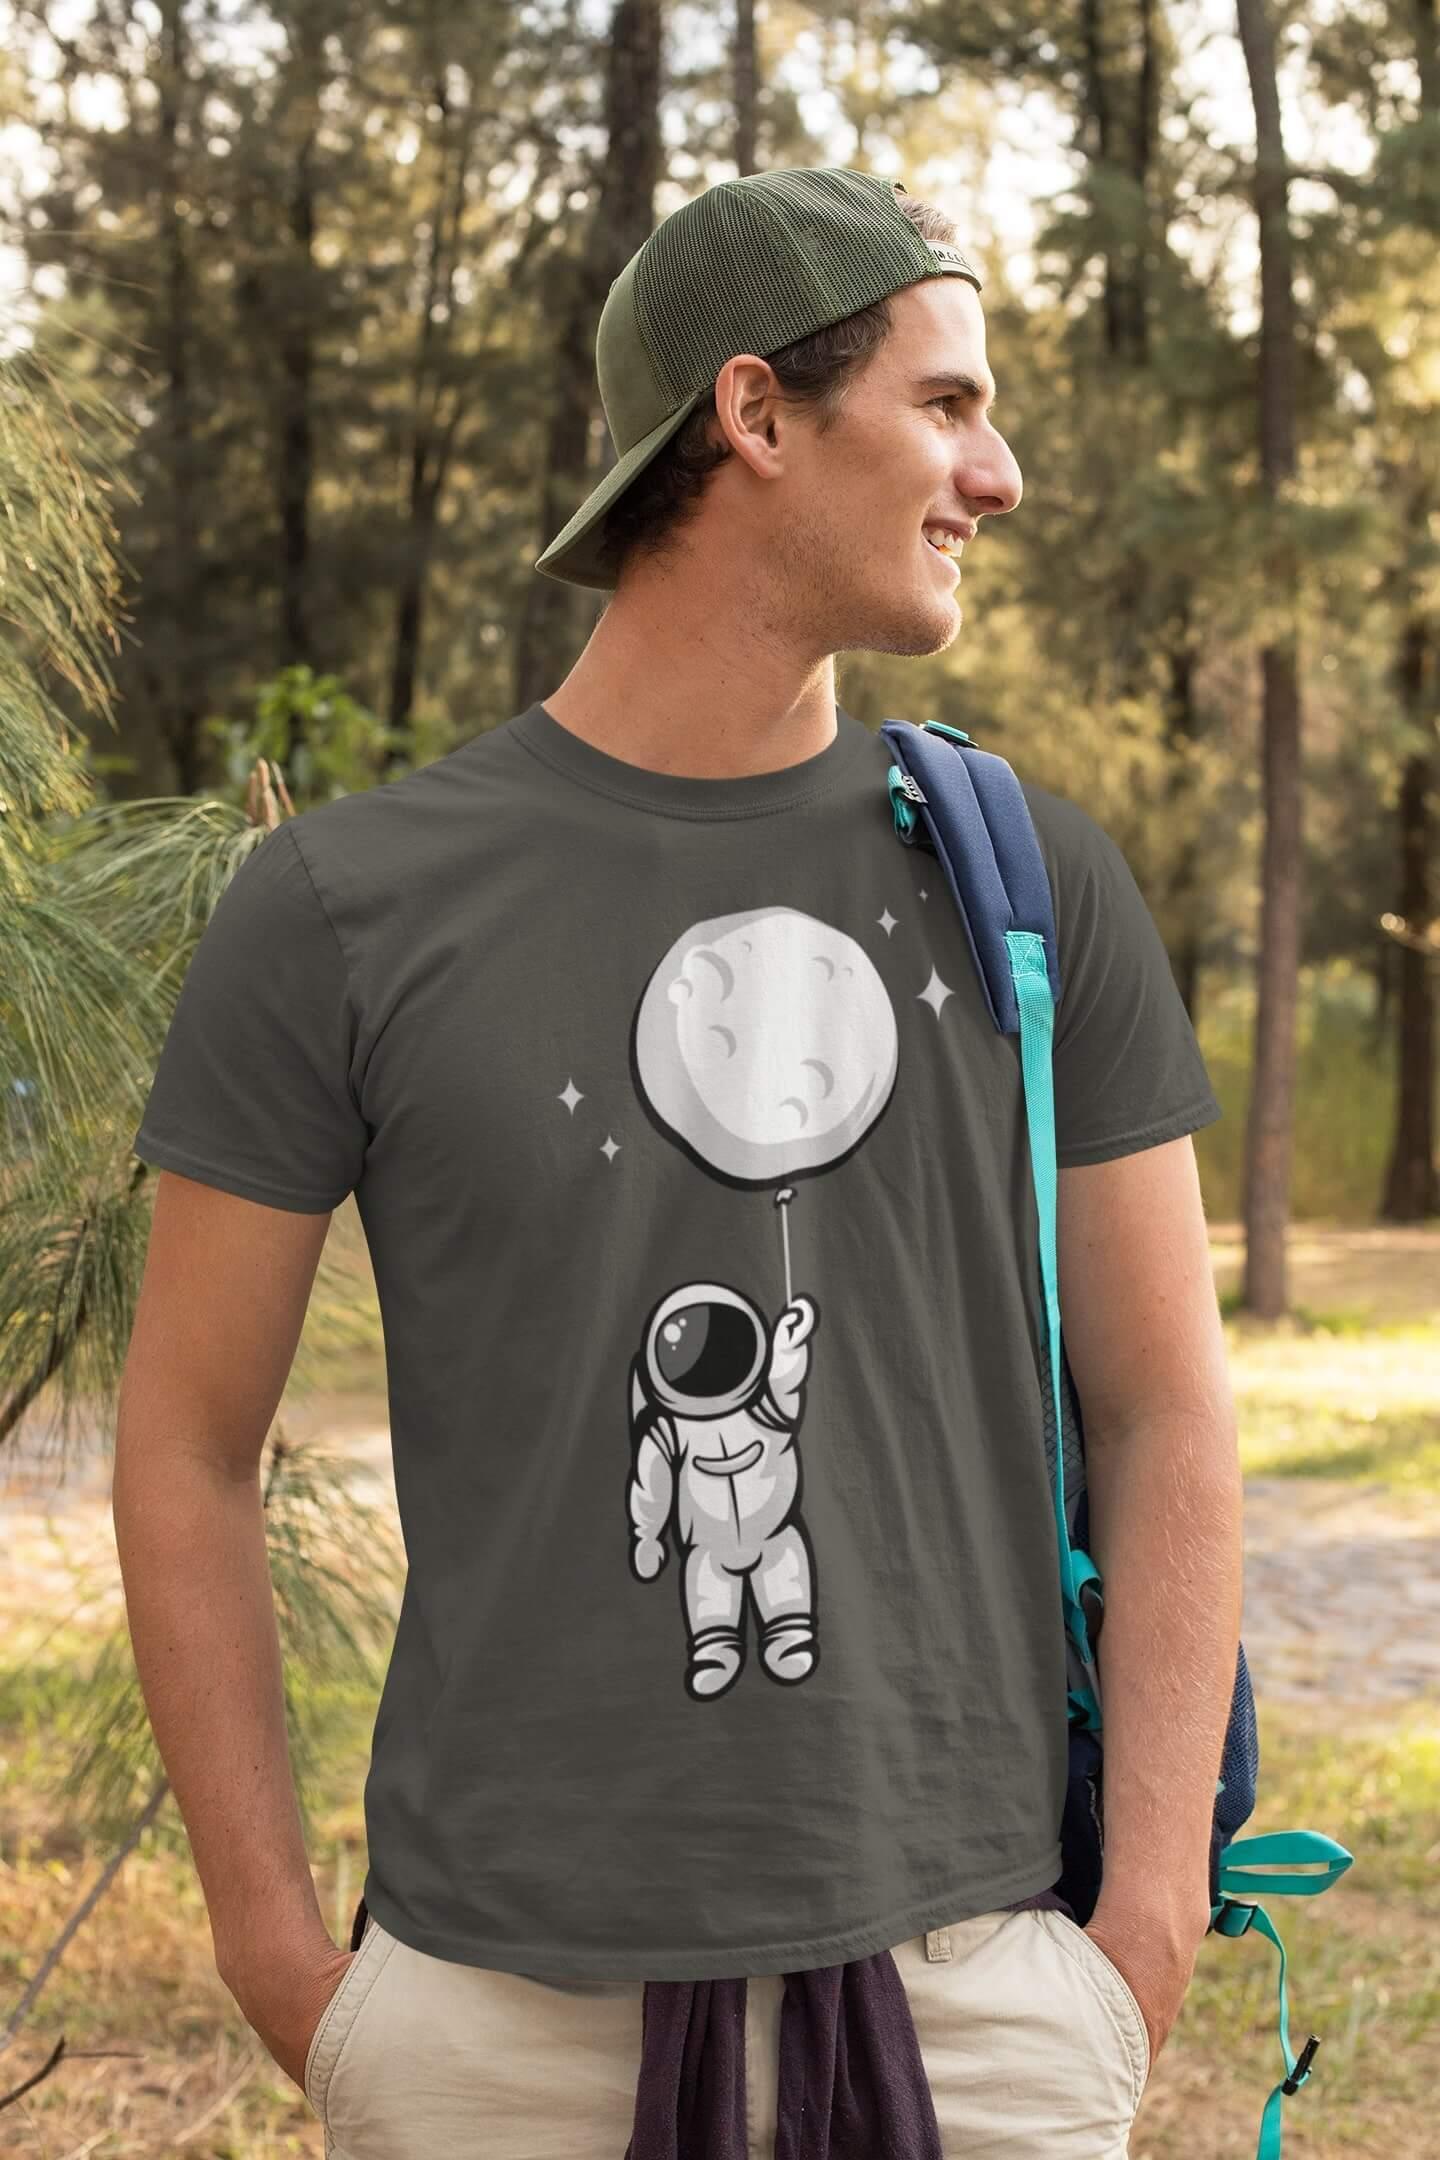 MMO Pánske tričko Astronaut Vyberte farbu: Tmavá bridlica, Vyberte veľkosť: XL